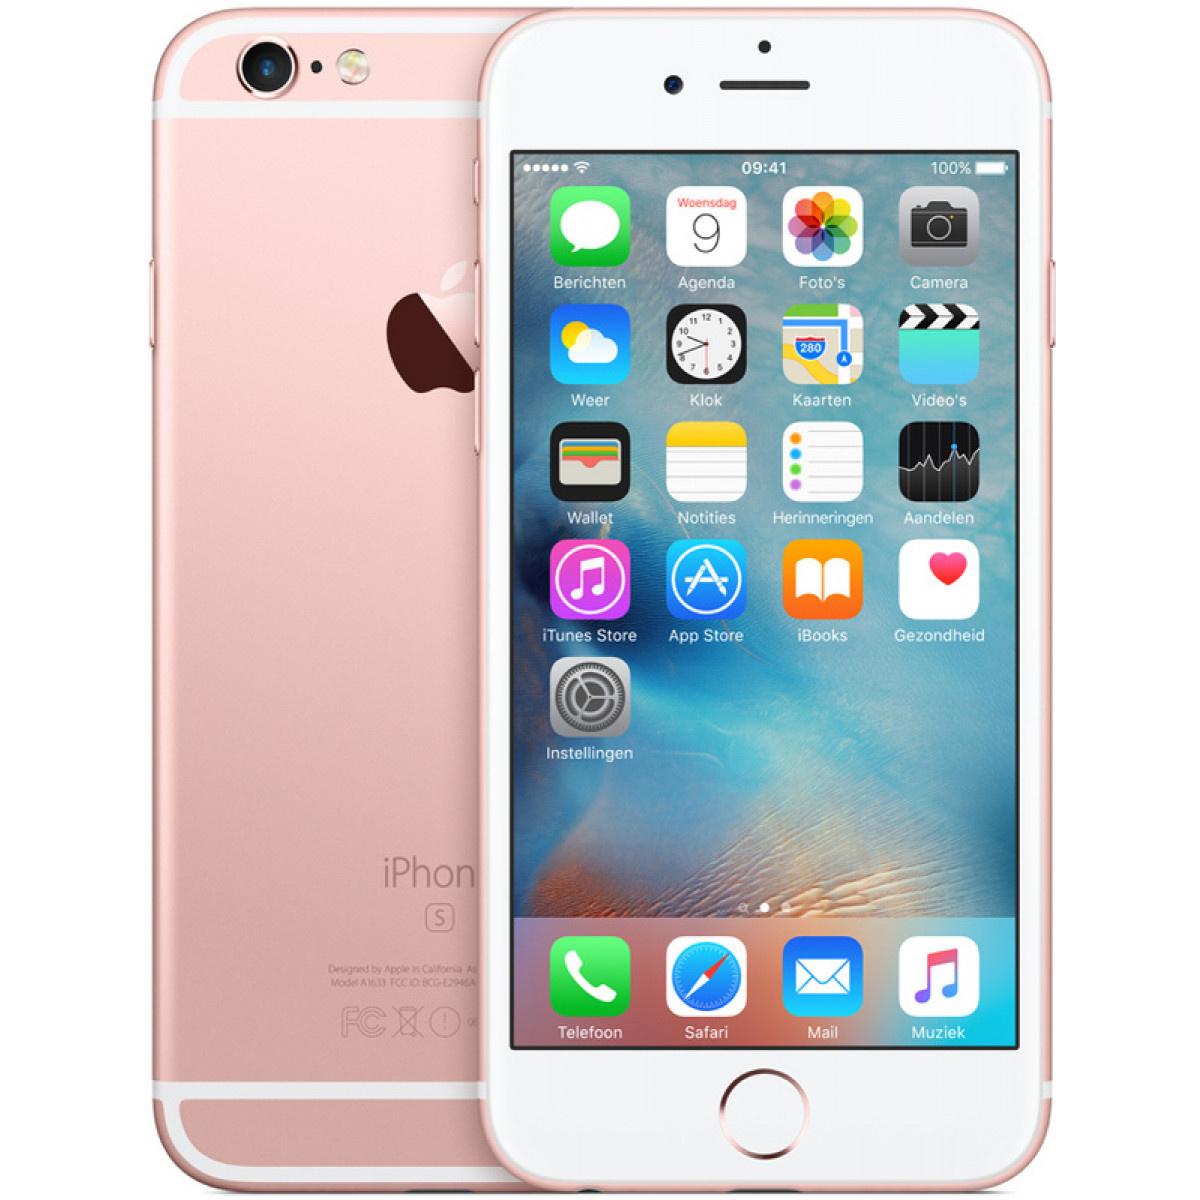 iPhone 6s Plus   128GB   Rosé Goud   Premium refurbished